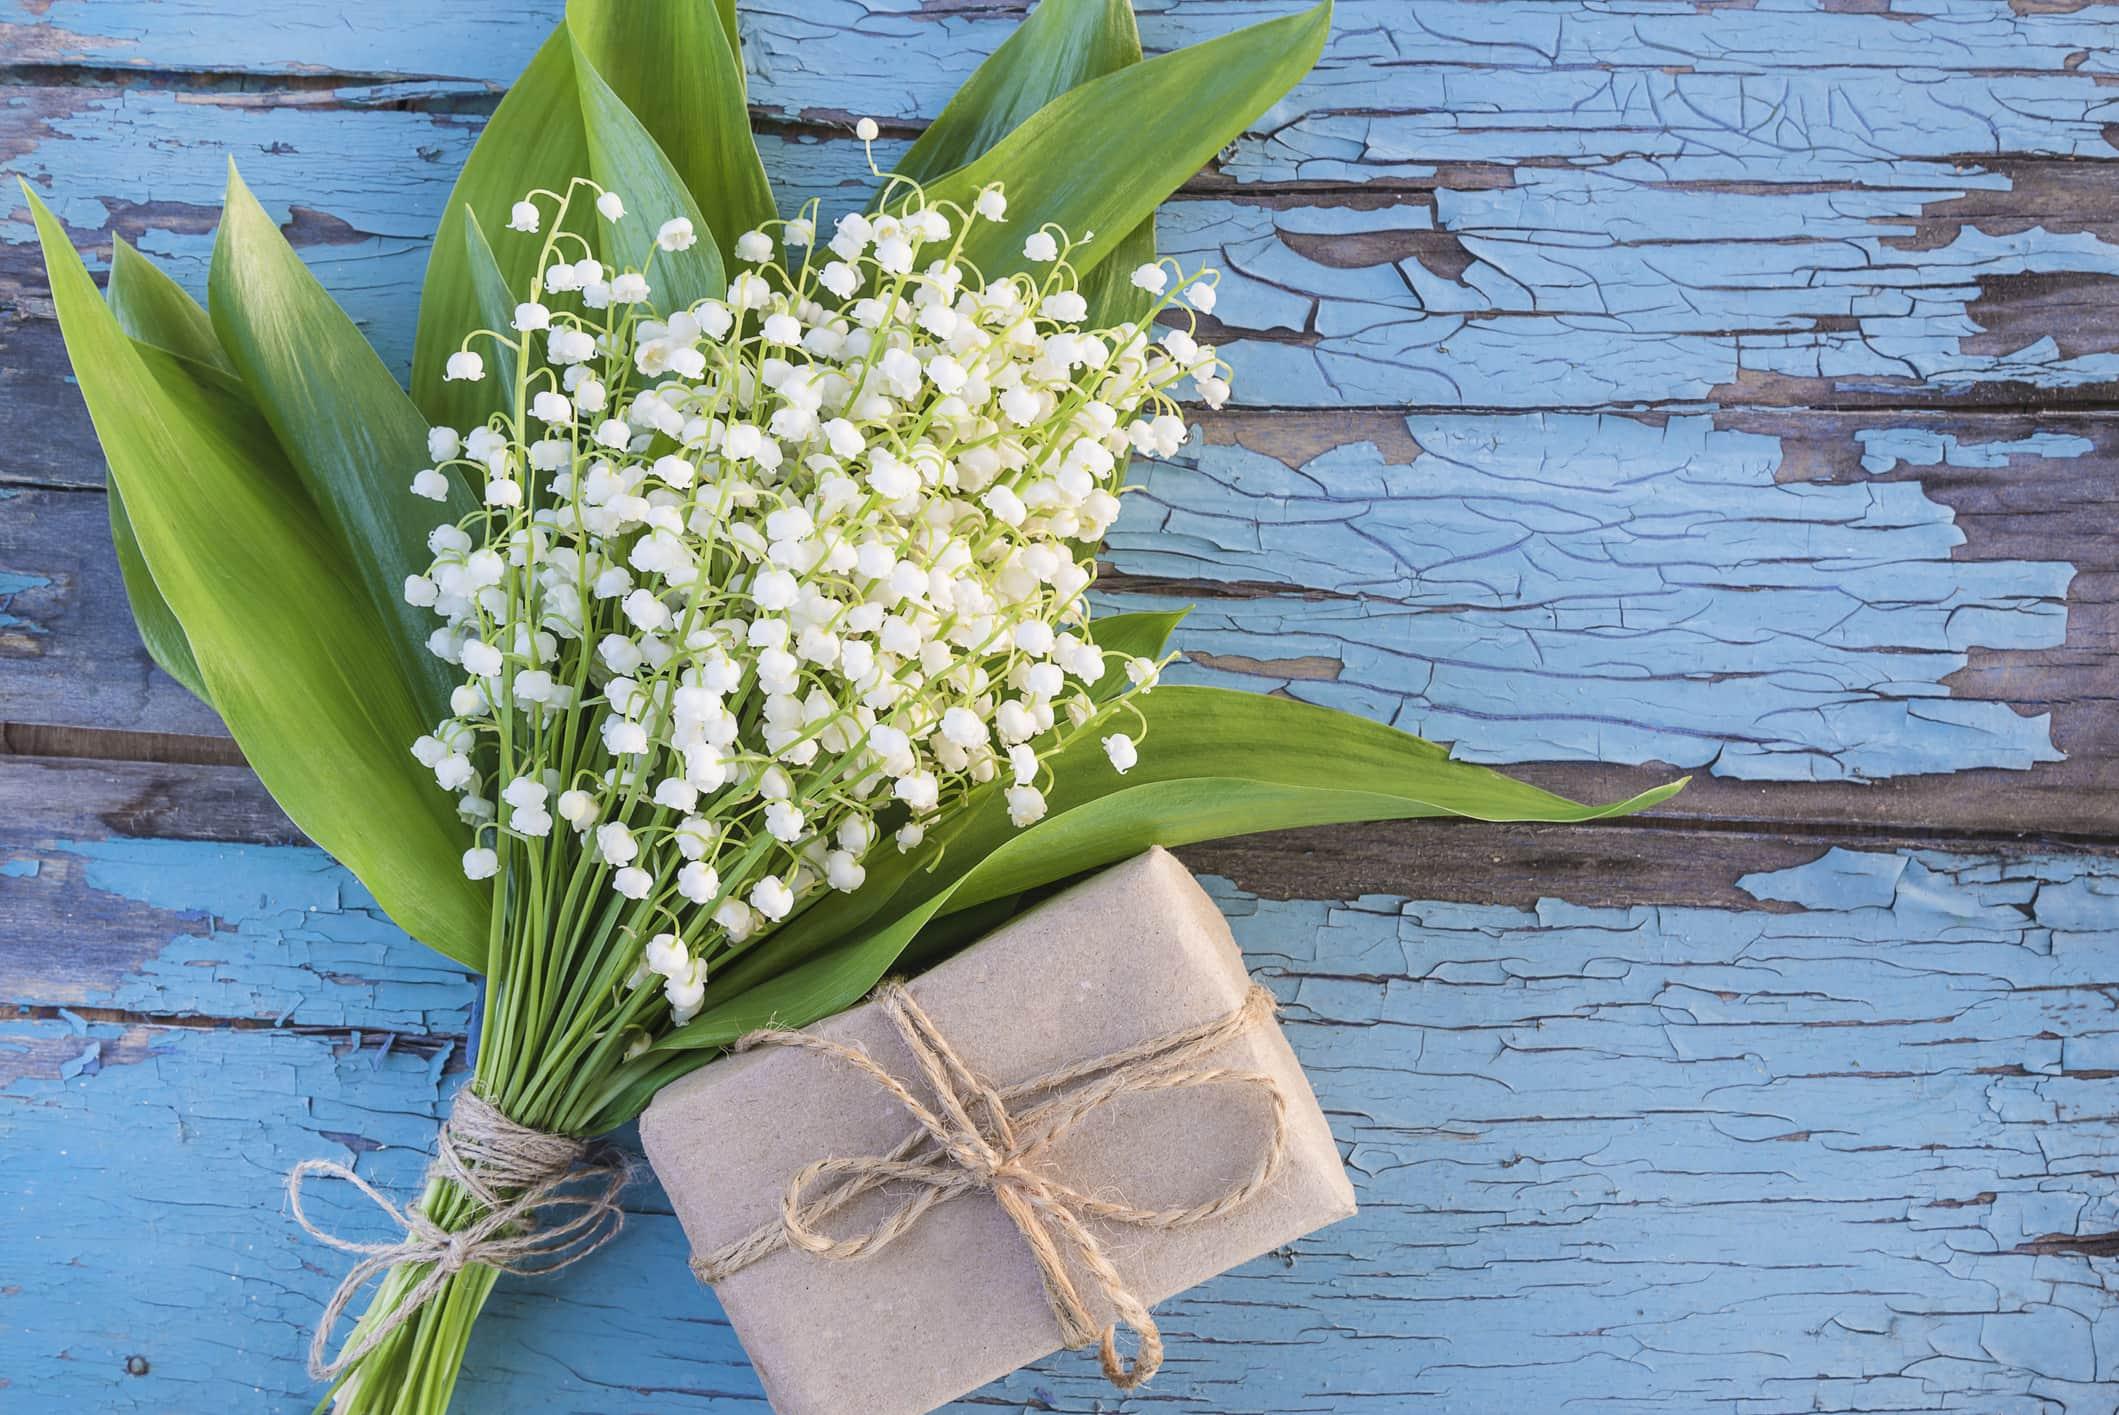 Vadideki zambak buketi ve mavi eski boya ahşap arka plan üzerinde el yapımı hediye kutusu.